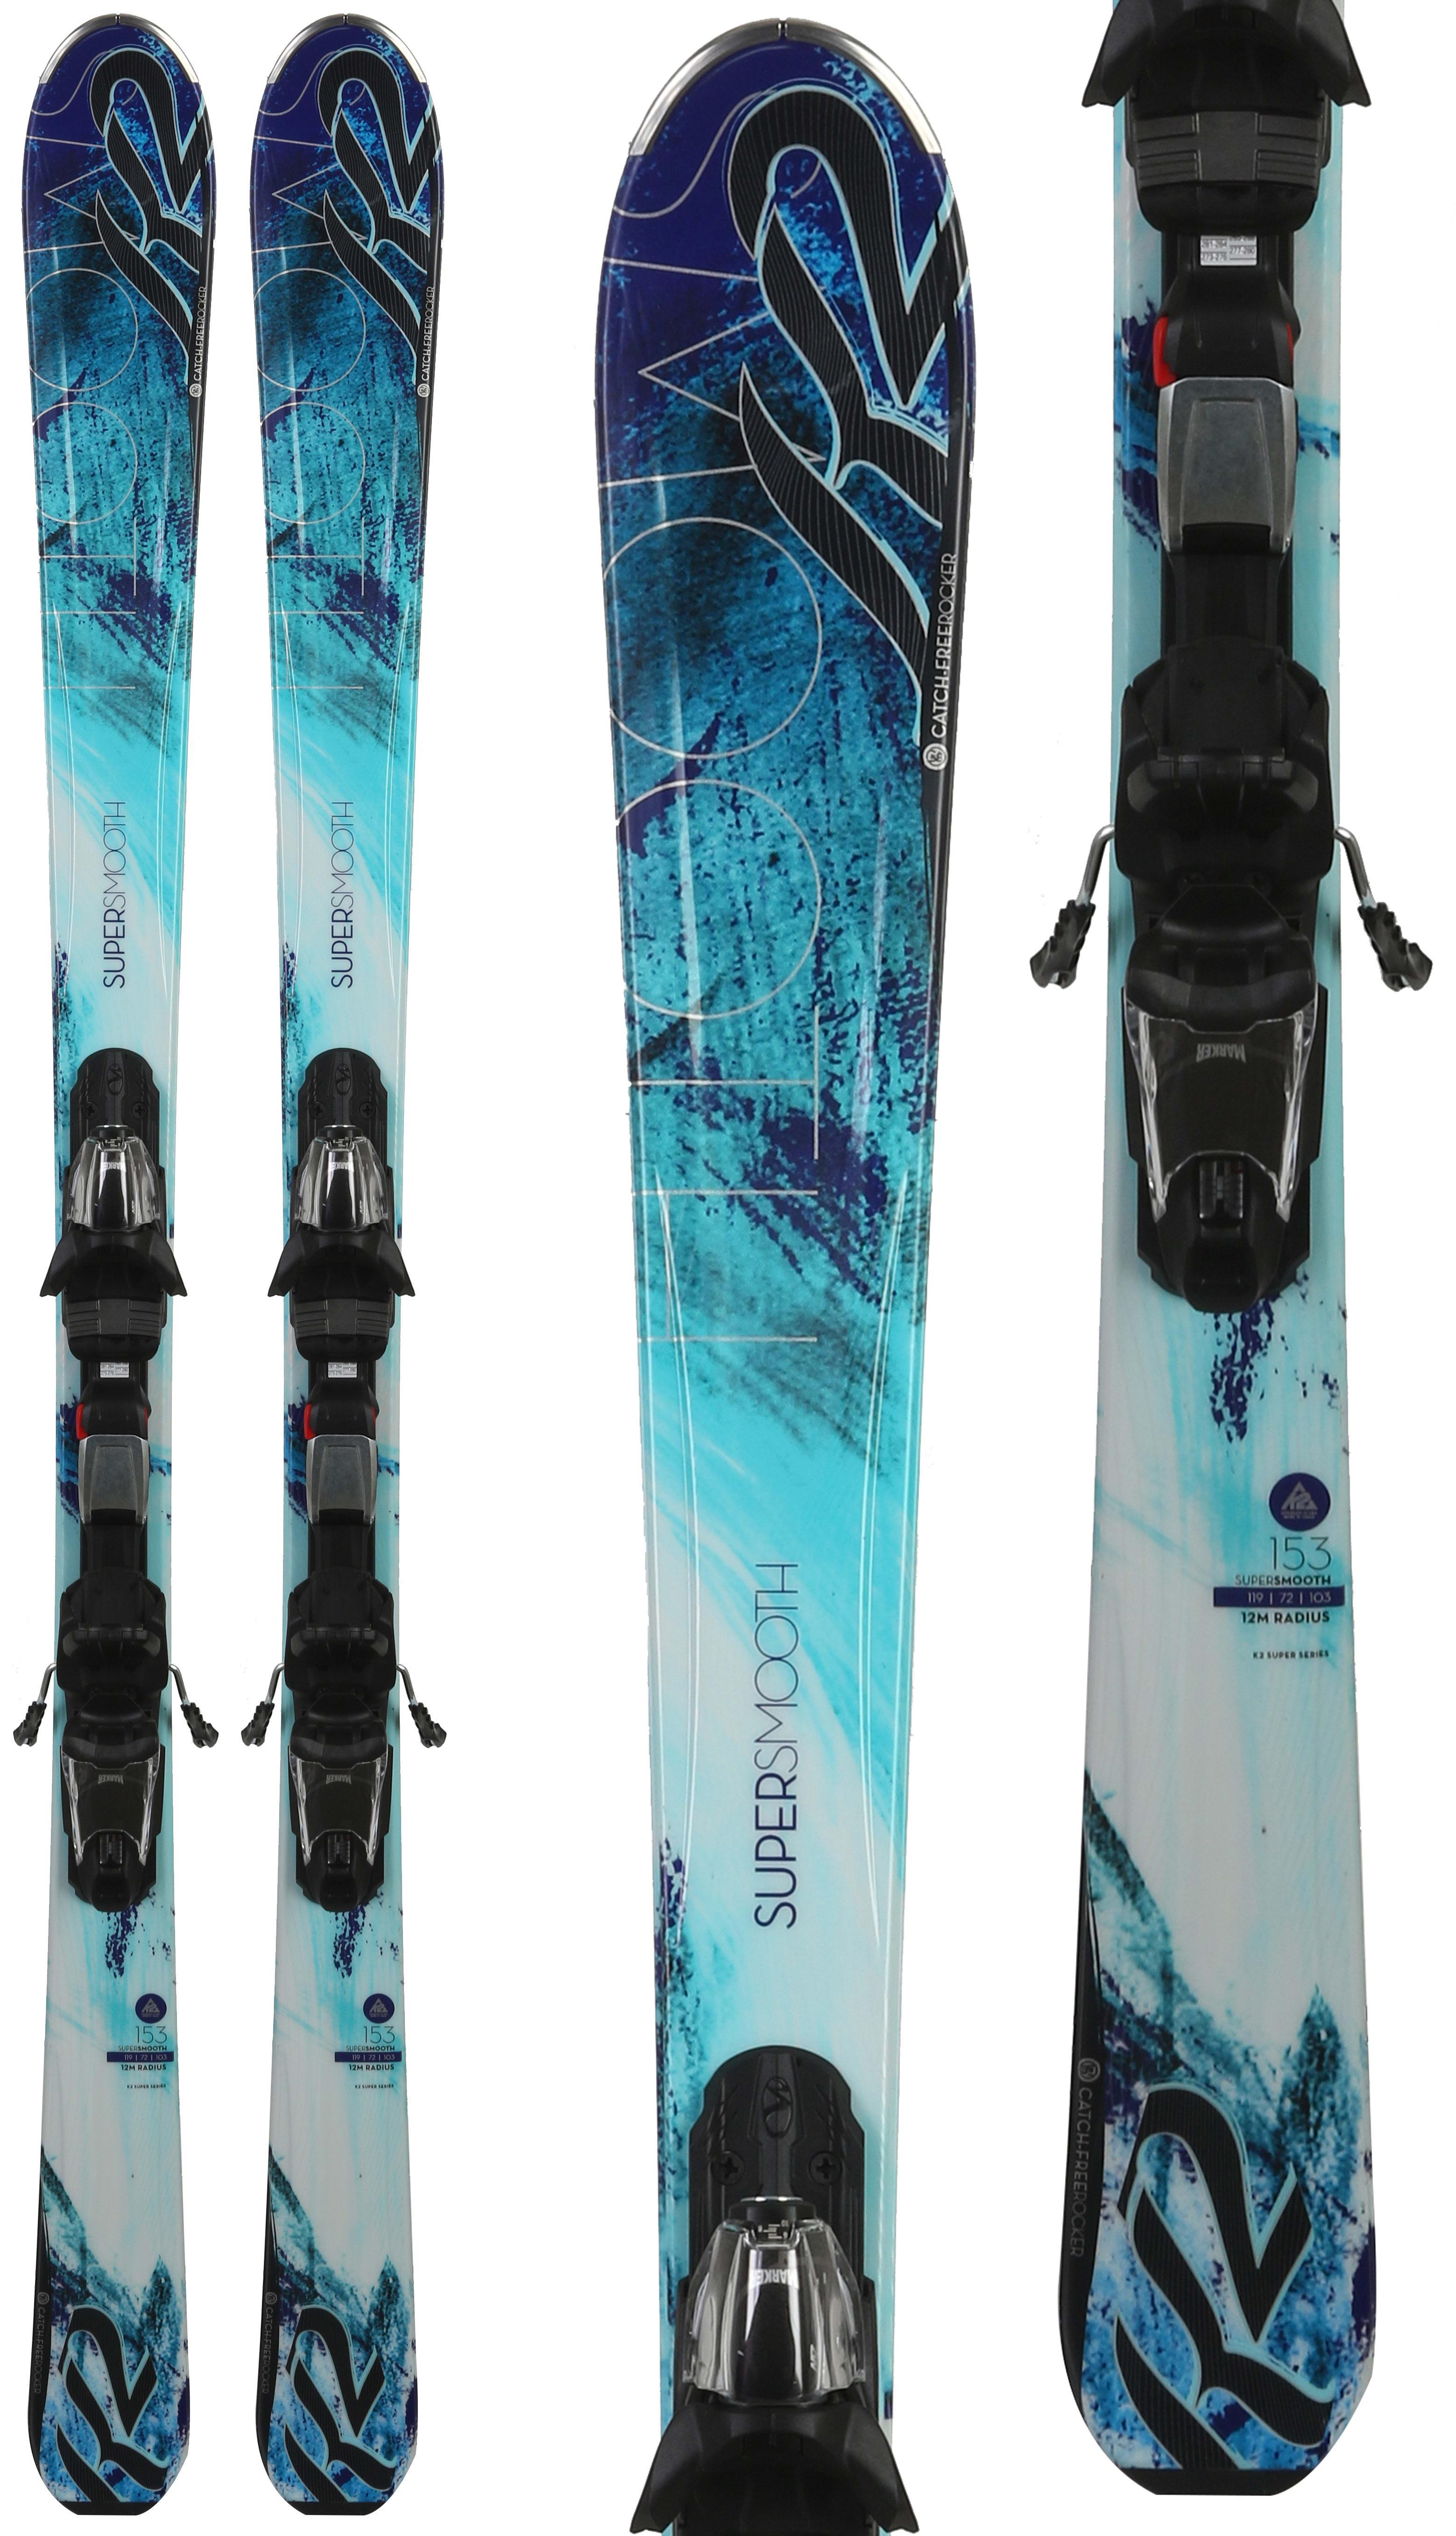 Kids Water Skis >> K2 Supersmooth Skis w/ Marker Fastrak3 10 Bindings - Womens